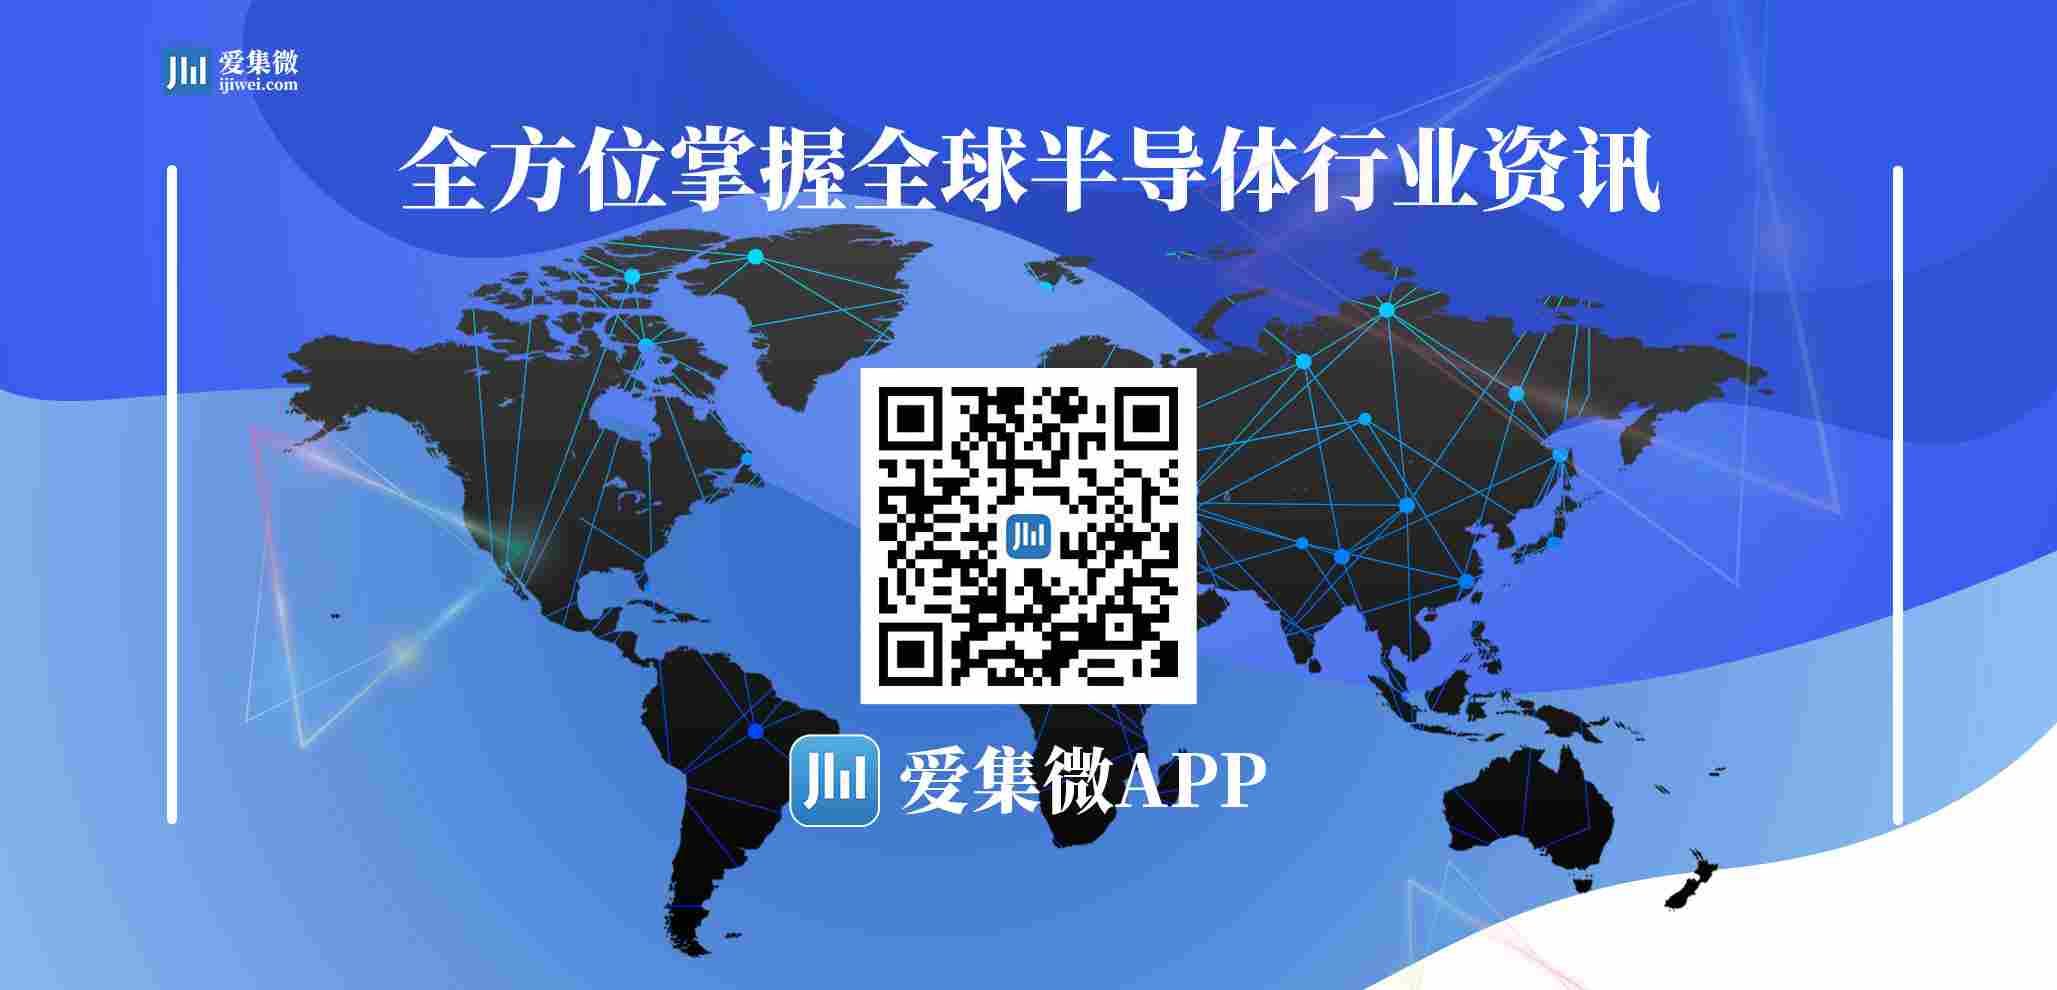 【落地】2019年MPU全球收入将降